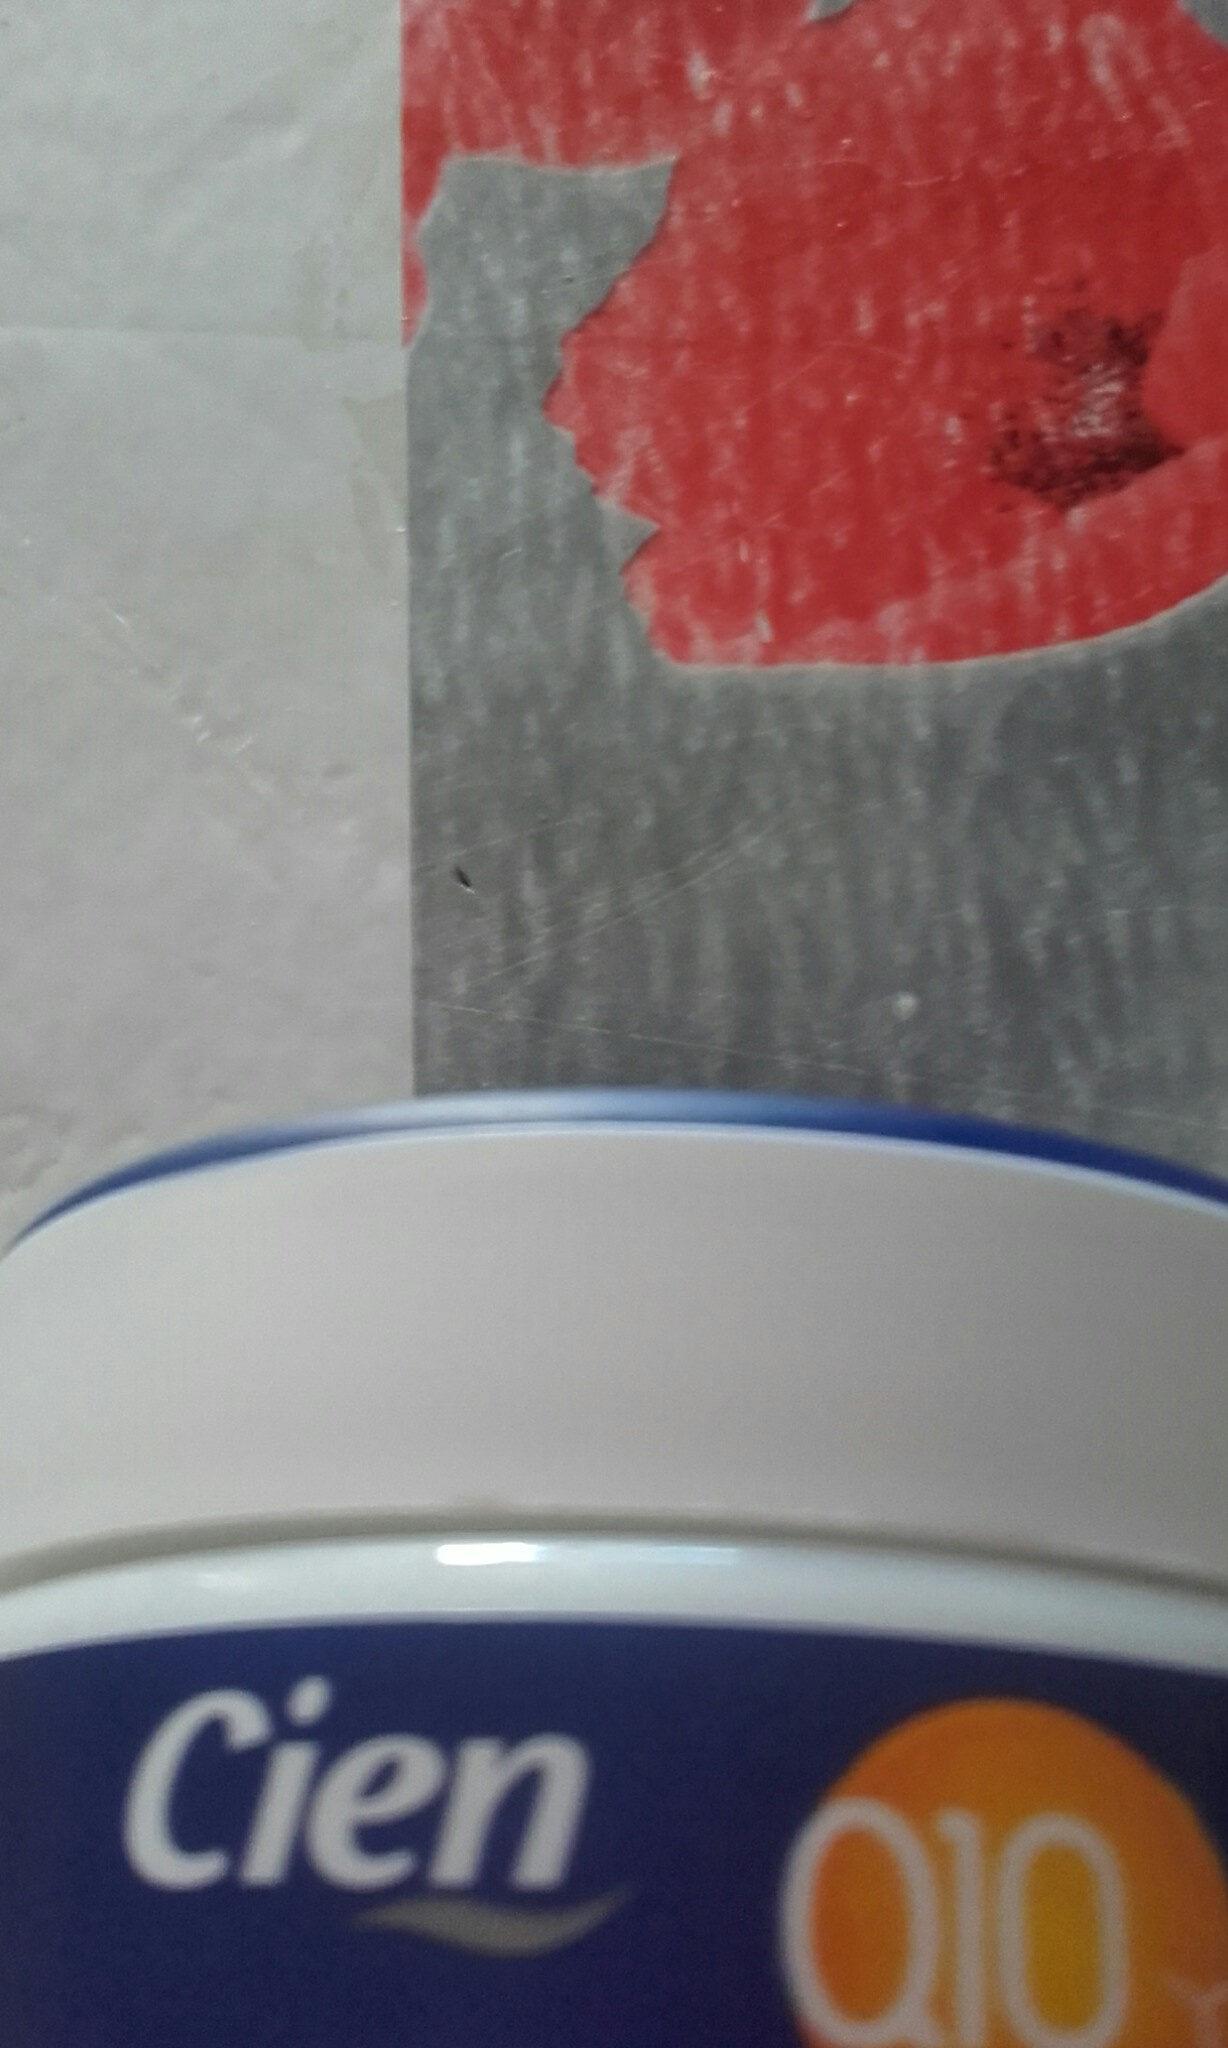 cien q10 night cream - Product